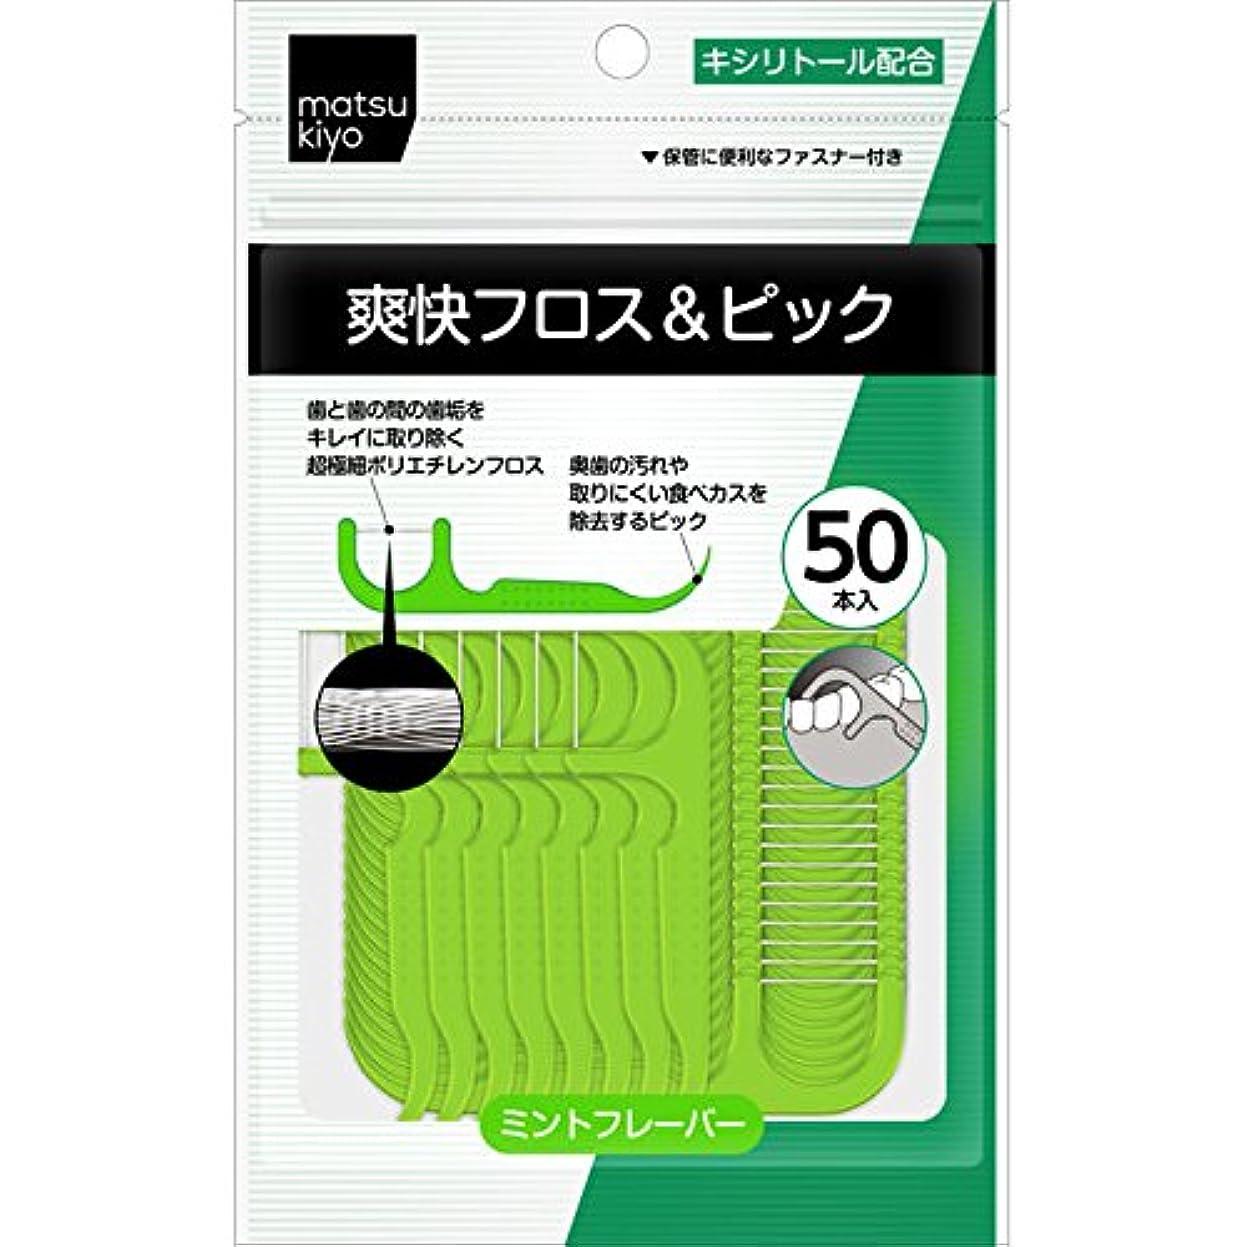 キャンディー呼び出すディンカルビルmatsukiyo 爽快フロス&ピック 50本